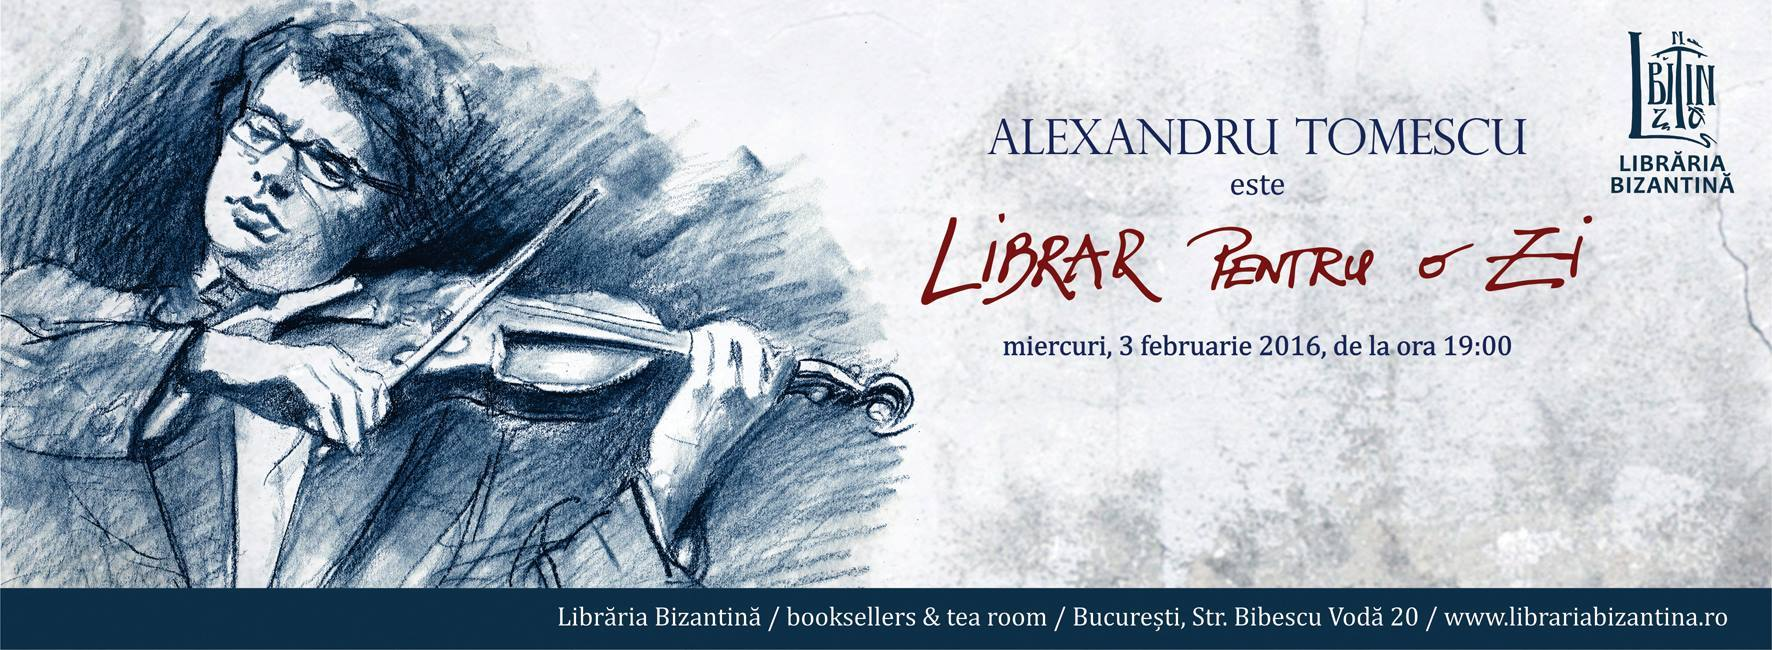 Alexandru Tomescu este Librar pentru o zi